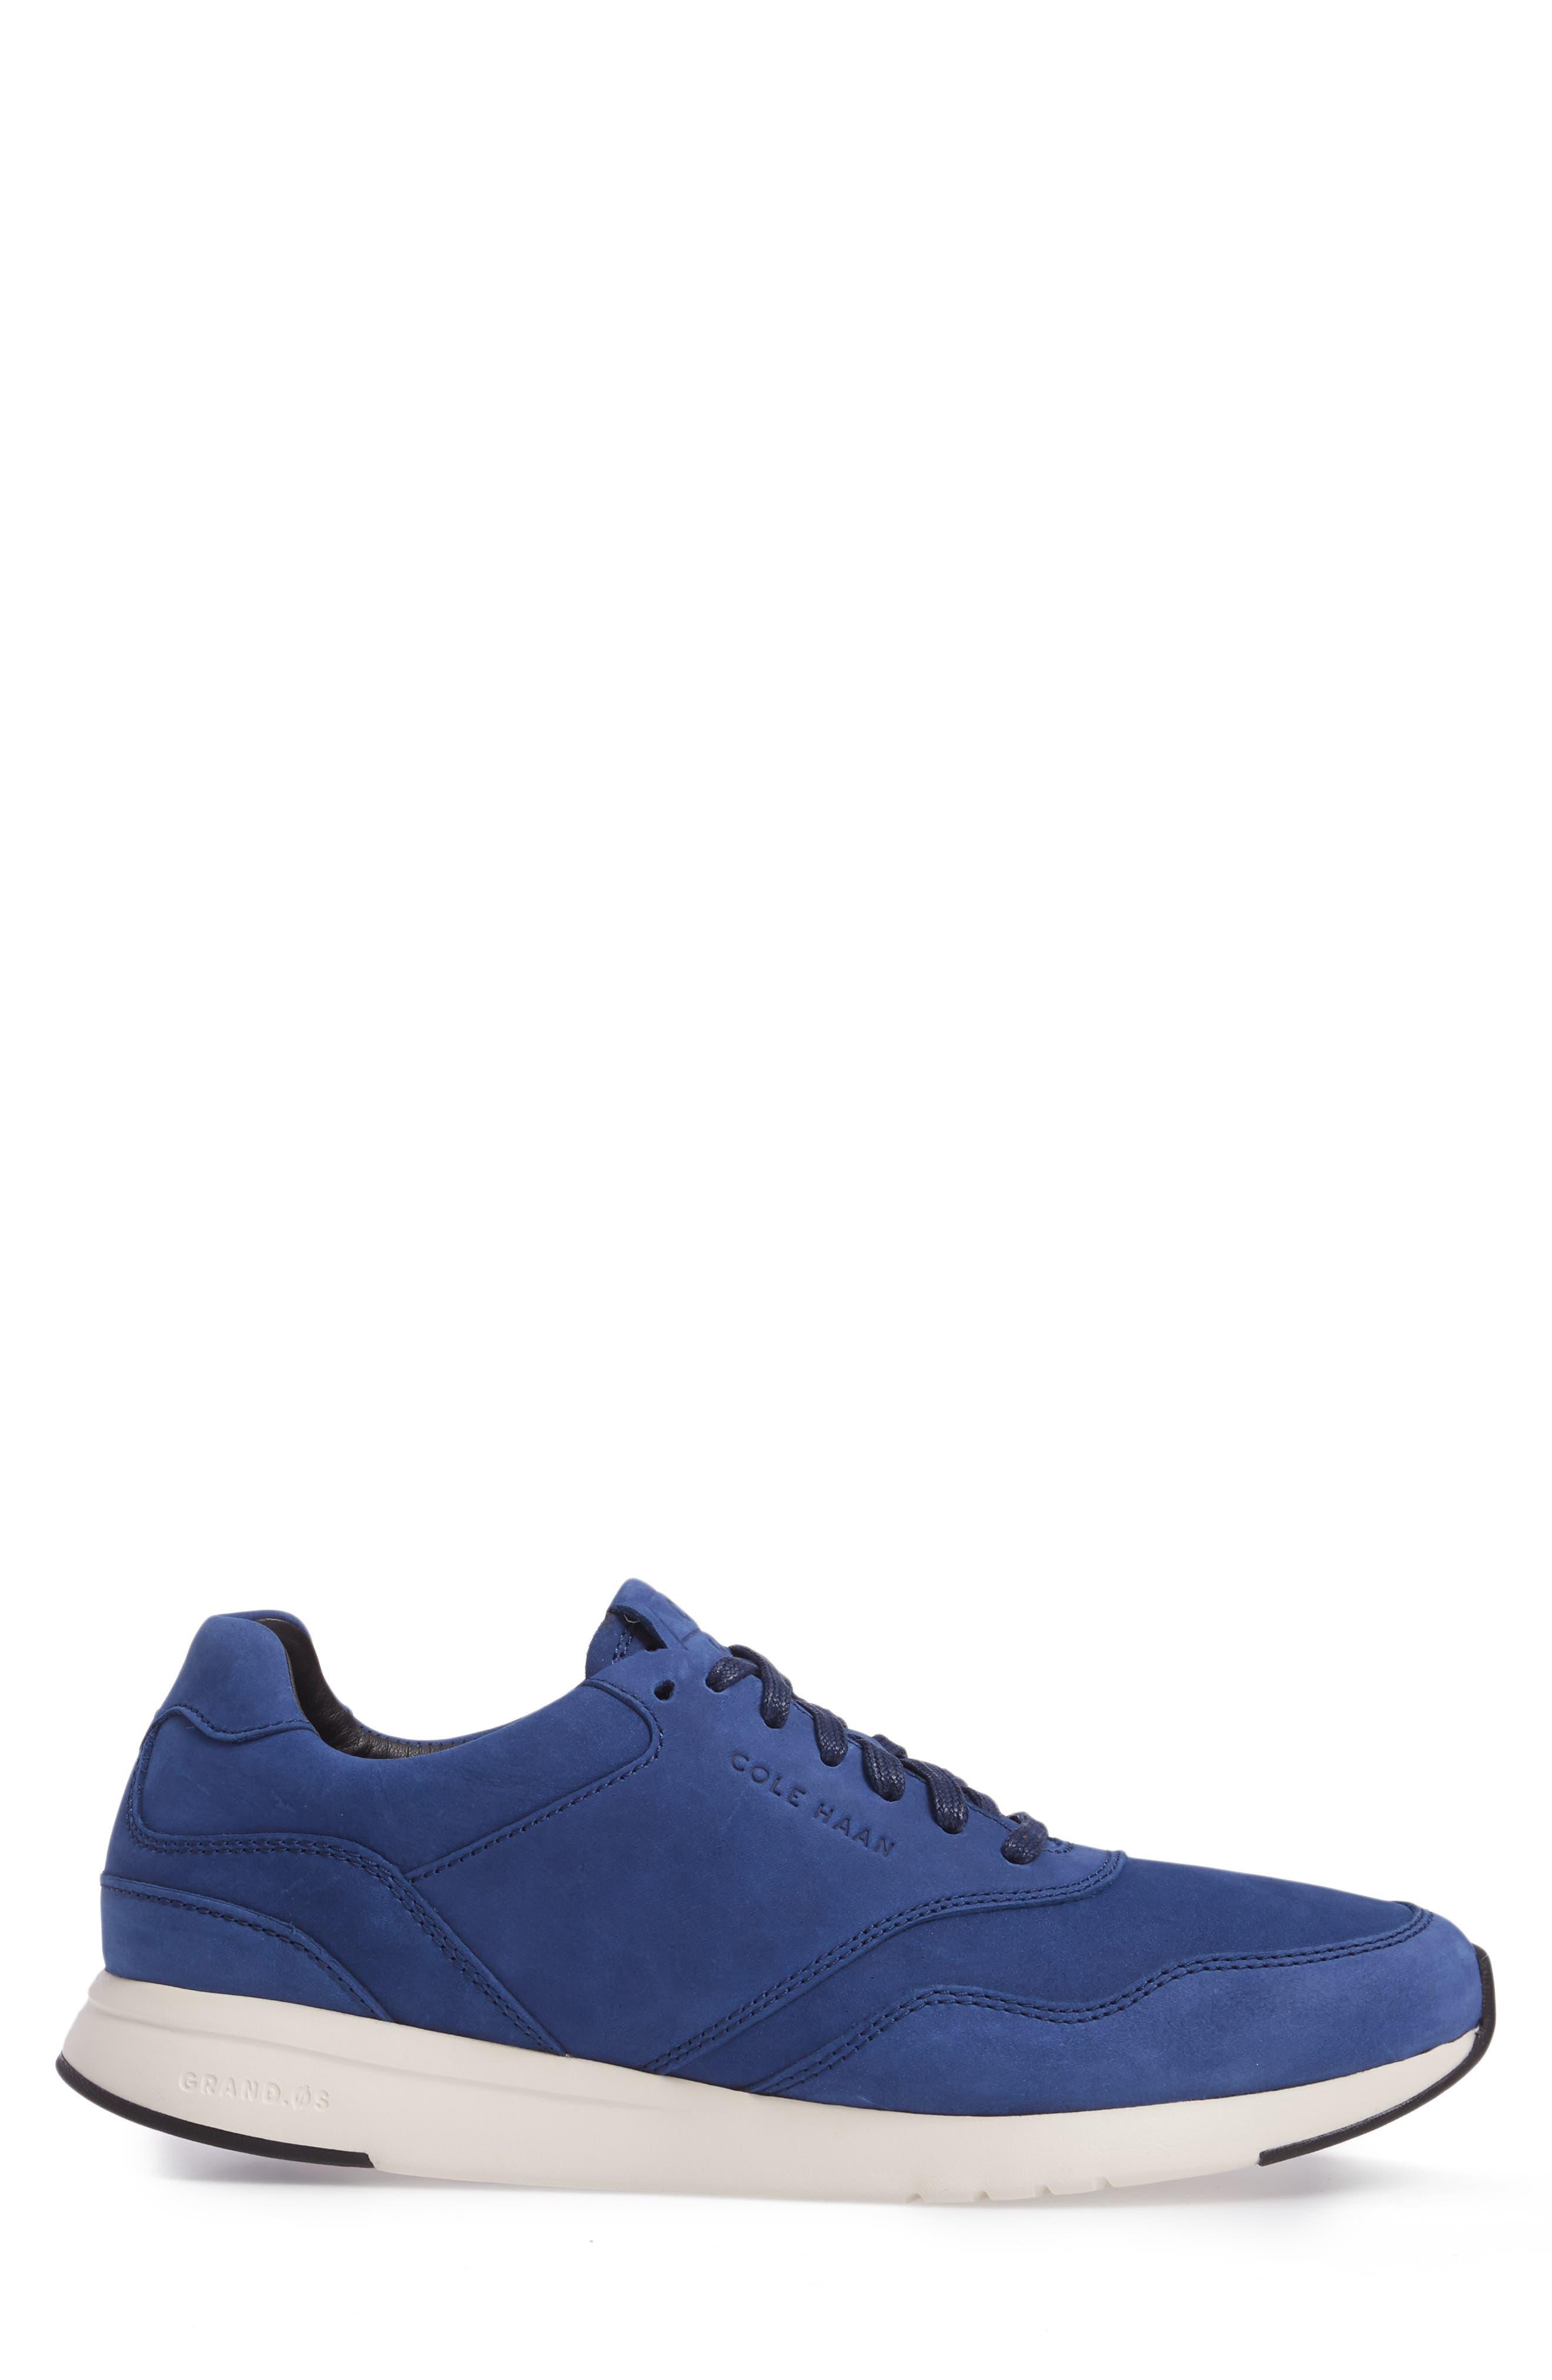 GrandPro Runner Sneaker,                             Alternate thumbnail 14, color,